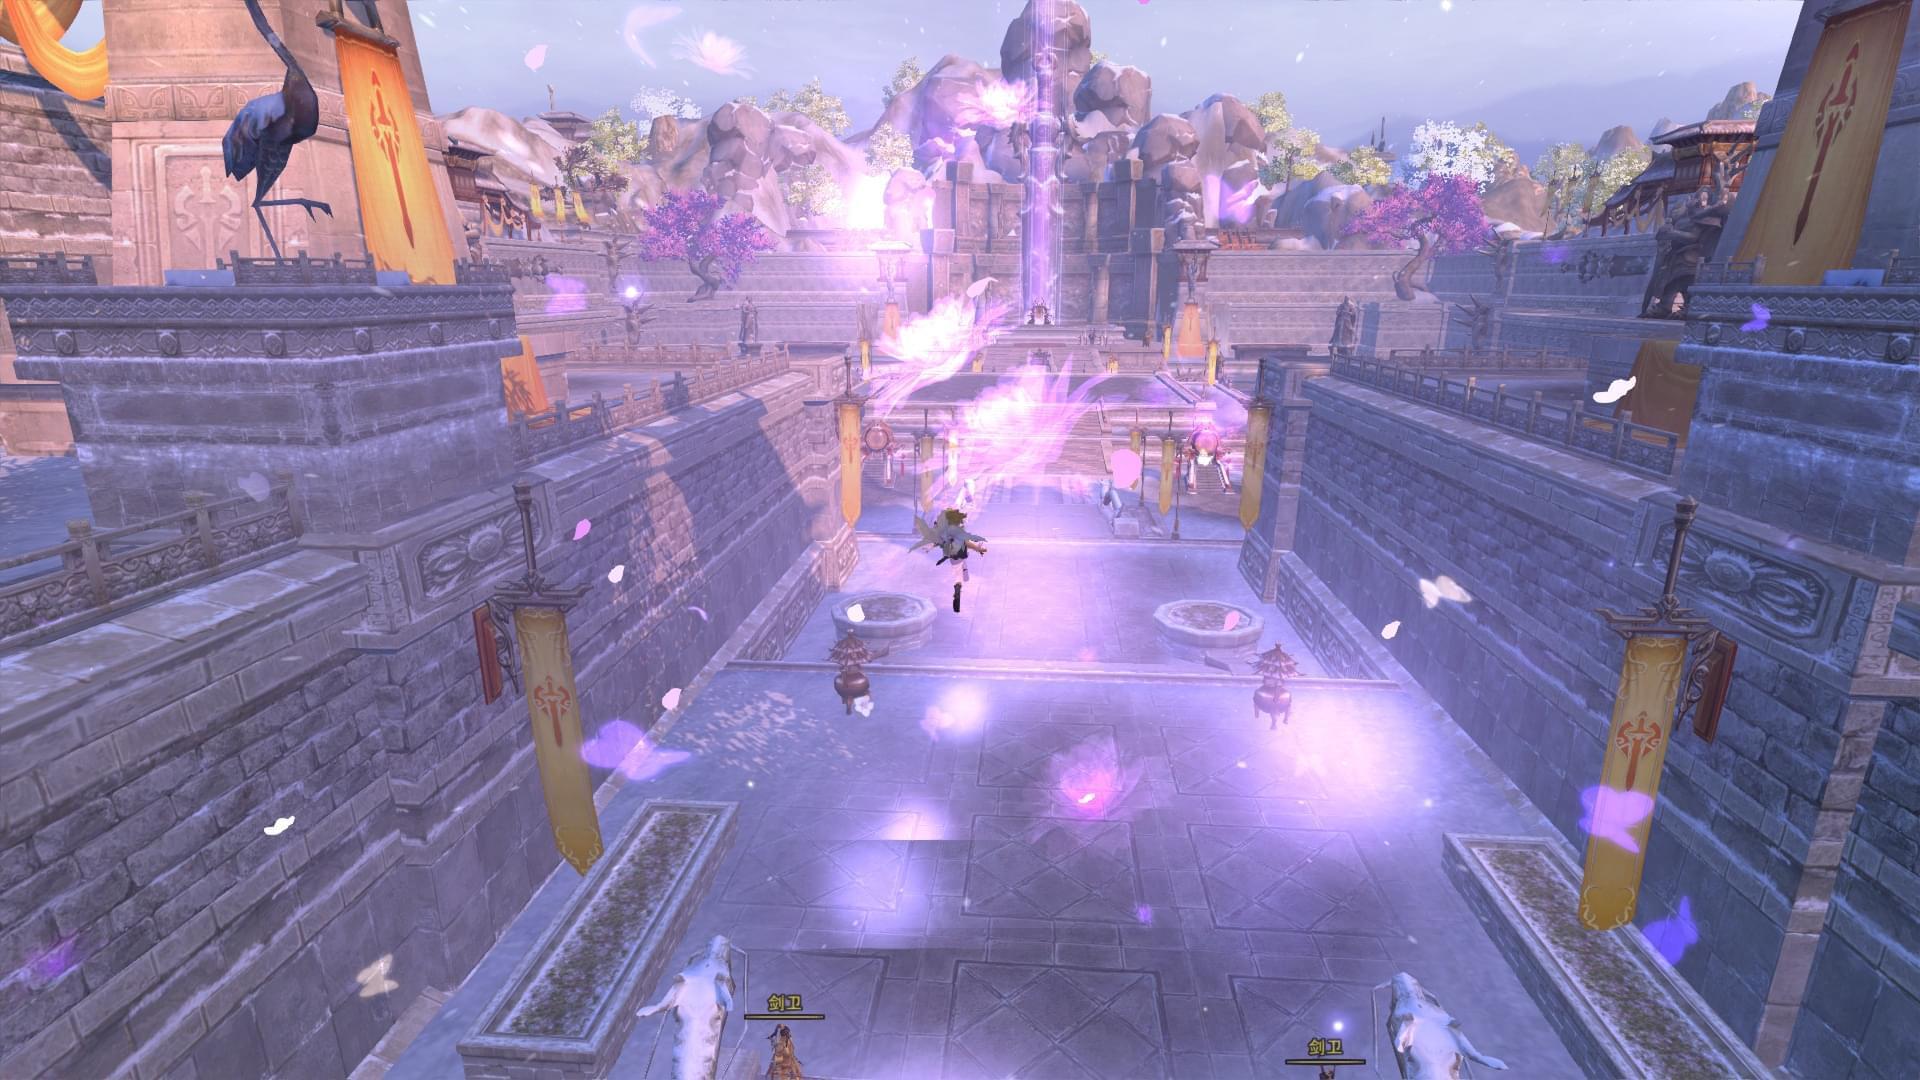 《剑网3》官方攻略团:揭开拭剑园的面纱